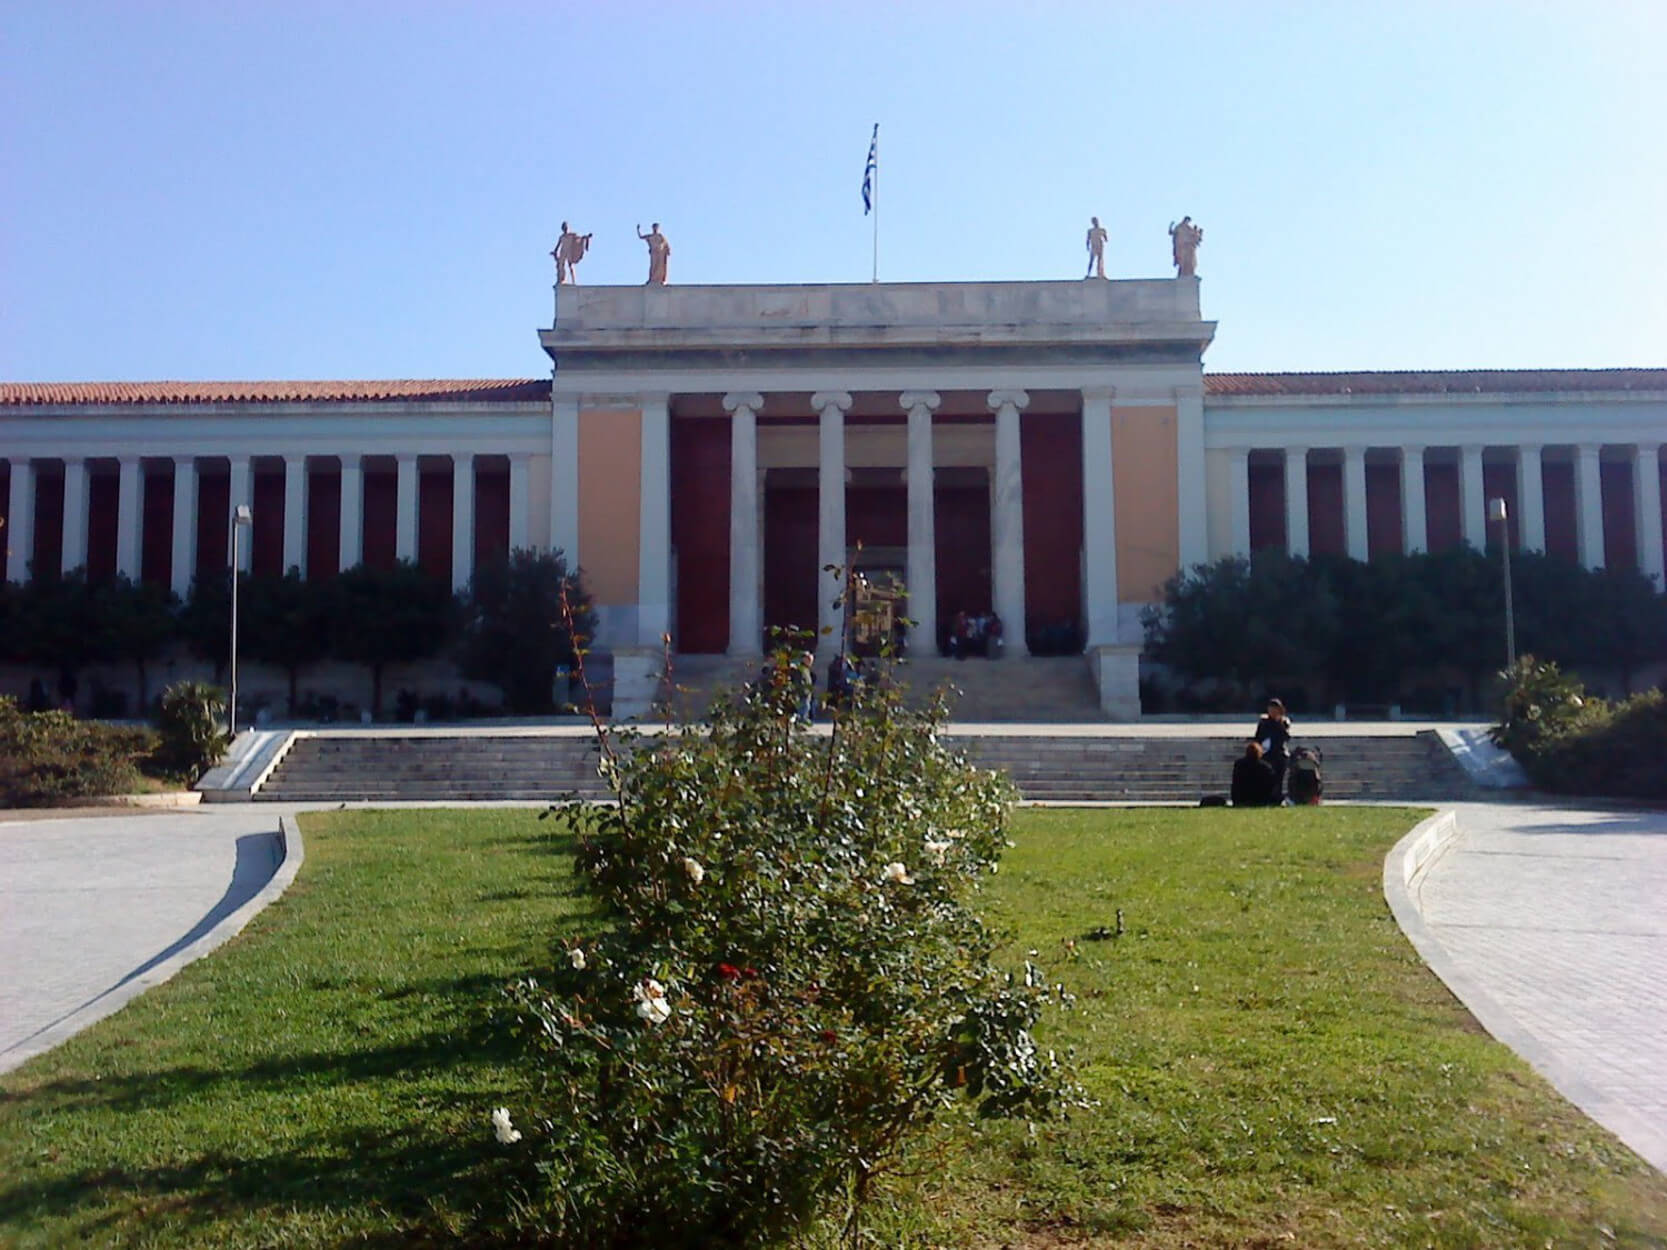 Έτσι θα λειτουργήσουν τα μουσεία και οι αρχαιολογικοί χώροι την ημέρα των εκλογών